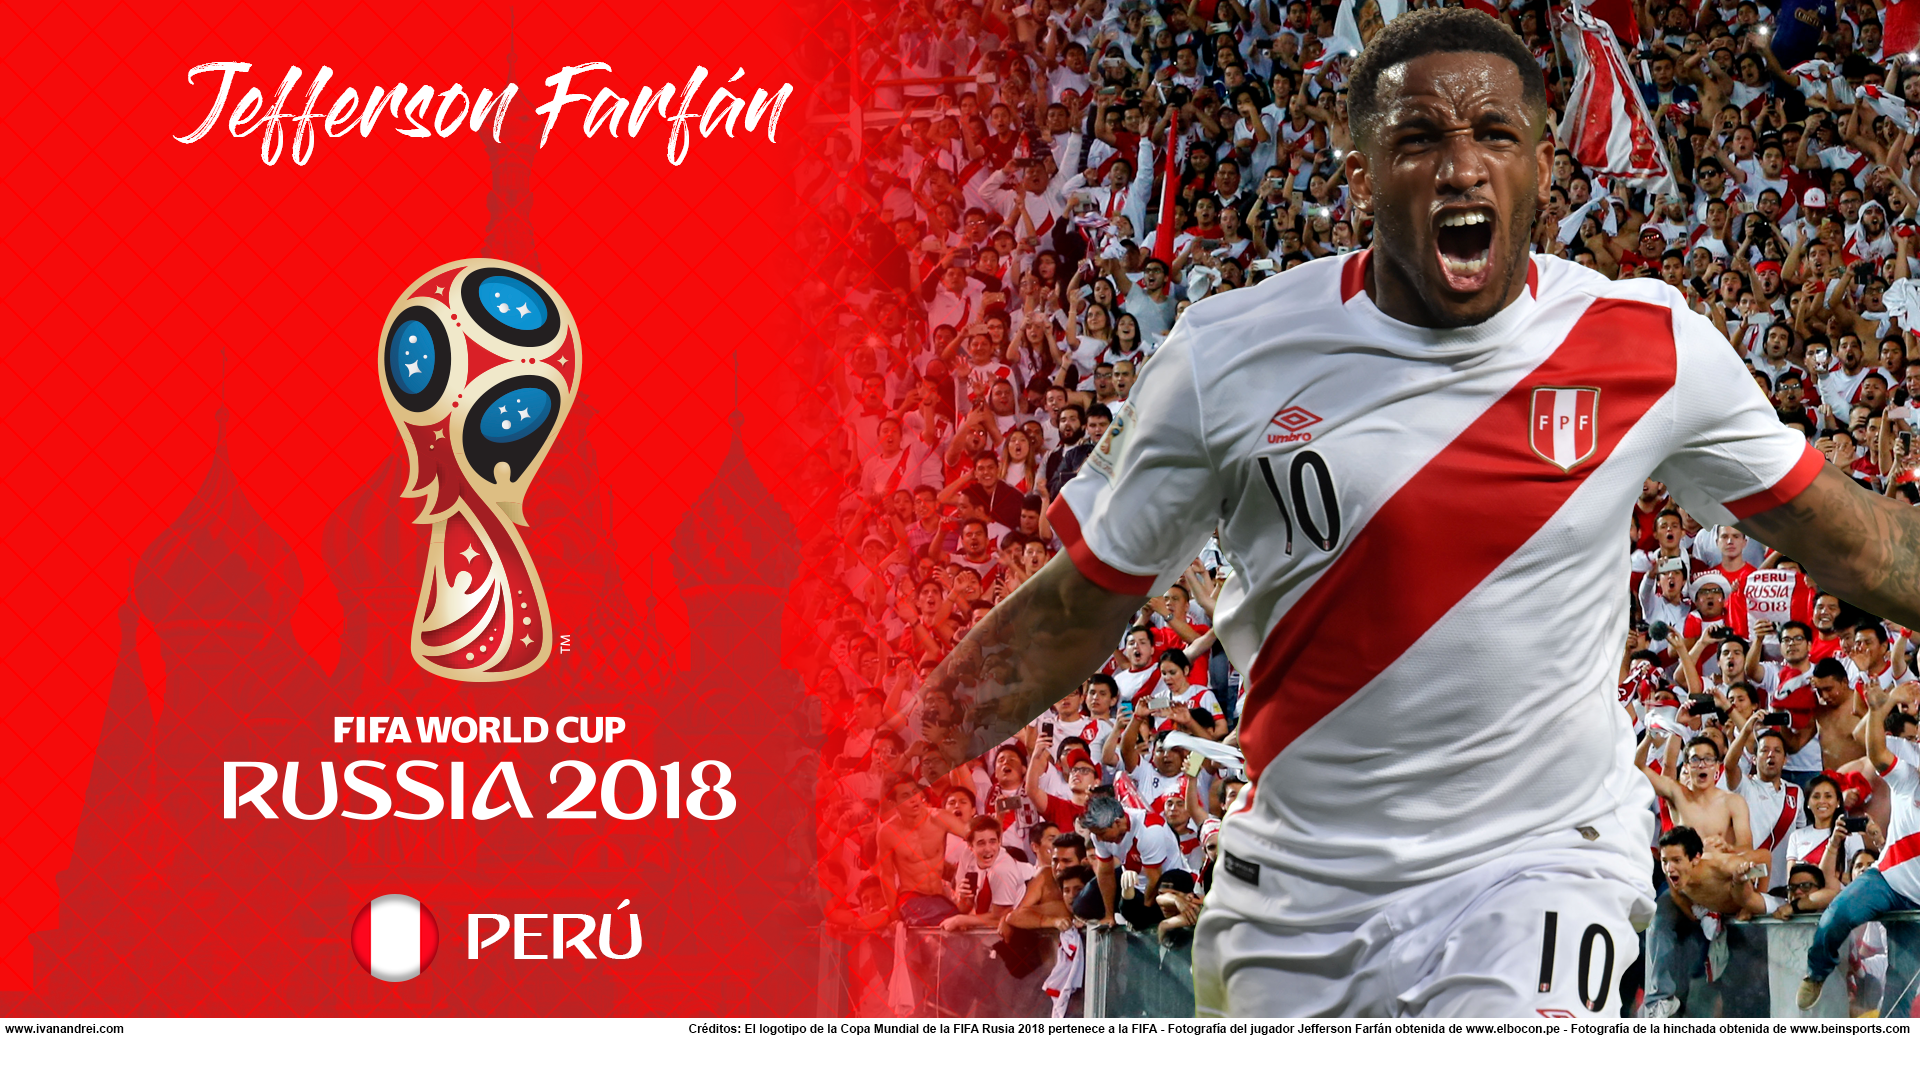 Wallpaper de Jefferson Farfán de Perú para la Copa Mundial de la FIFA - Rusia 2018 - Edición para PC (1920x1080)